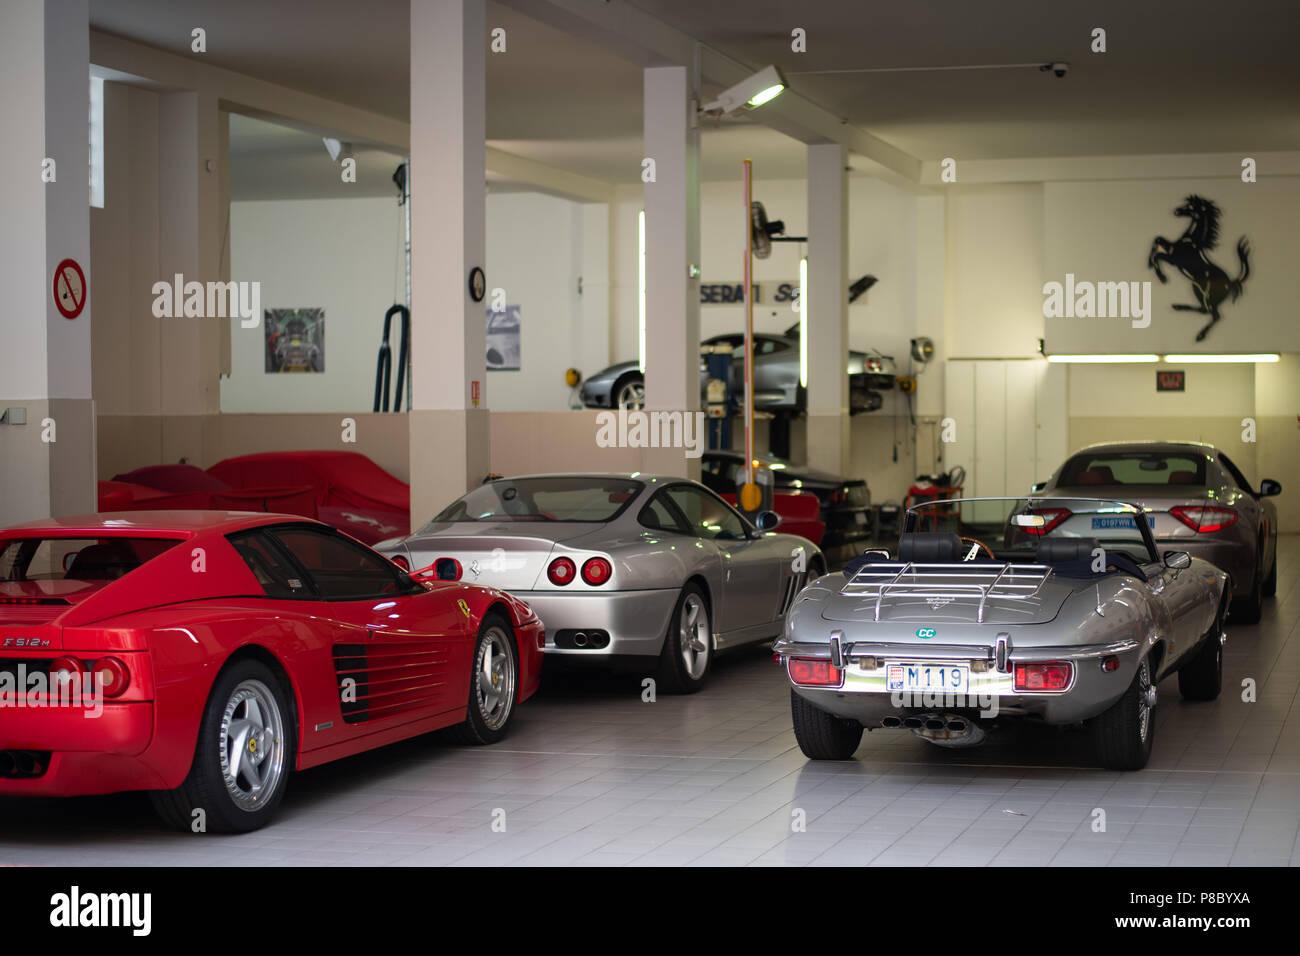 Ferrari Dealership Car Stockfotos Und Bilder Kaufen Alamy